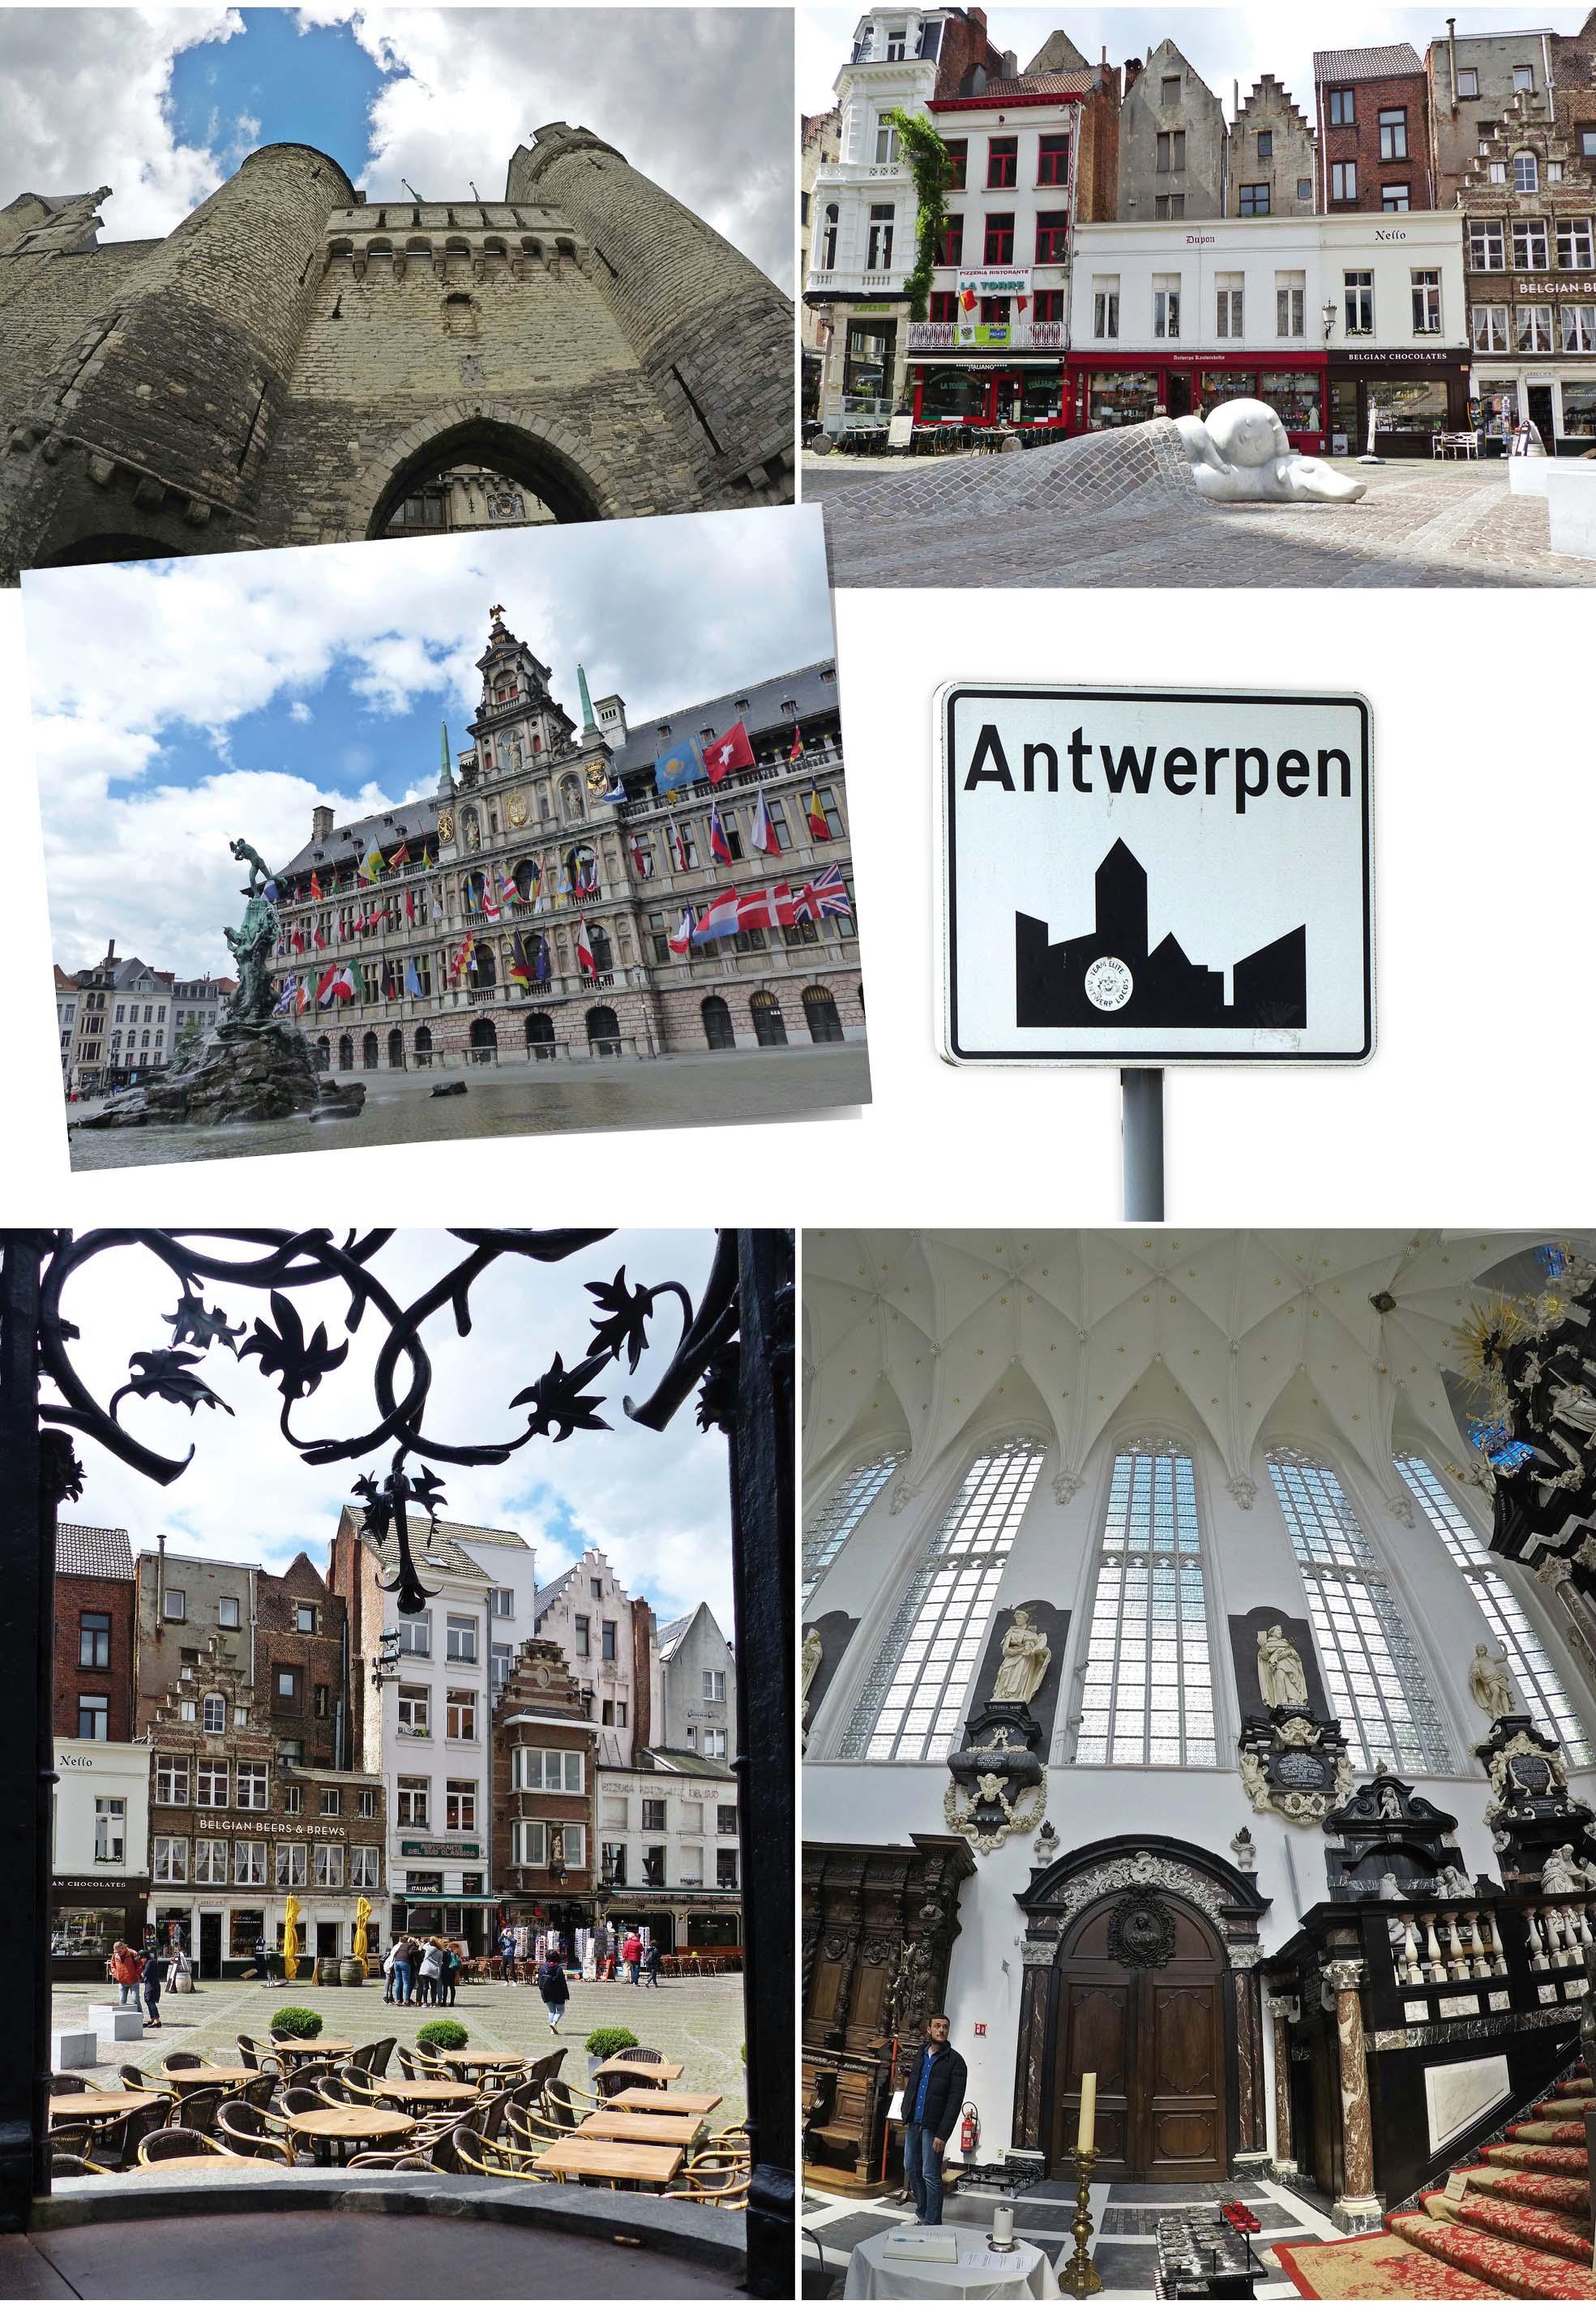 europe, France, road trip, voyage, ville, Anvers, Belgique, chateau, statue, pont, pavé, histoire, drapeau, panneau, Antwerpen, église